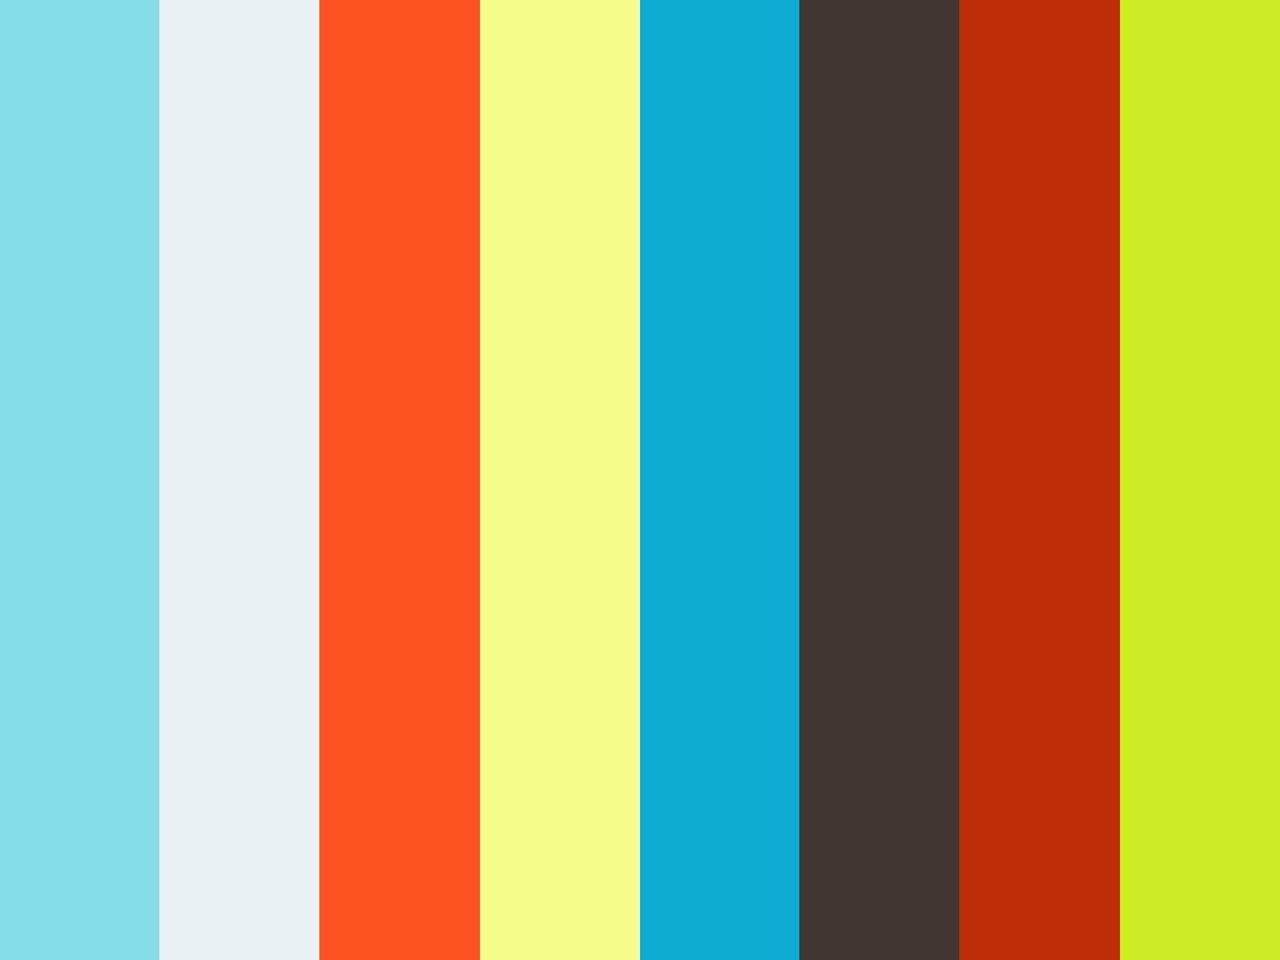 Коллекция видео academy of media arts kyiv academy of media arts Дипломная работа студентов курсов видео направления в КАМА рекламный ролик для украинского бренда syndicate